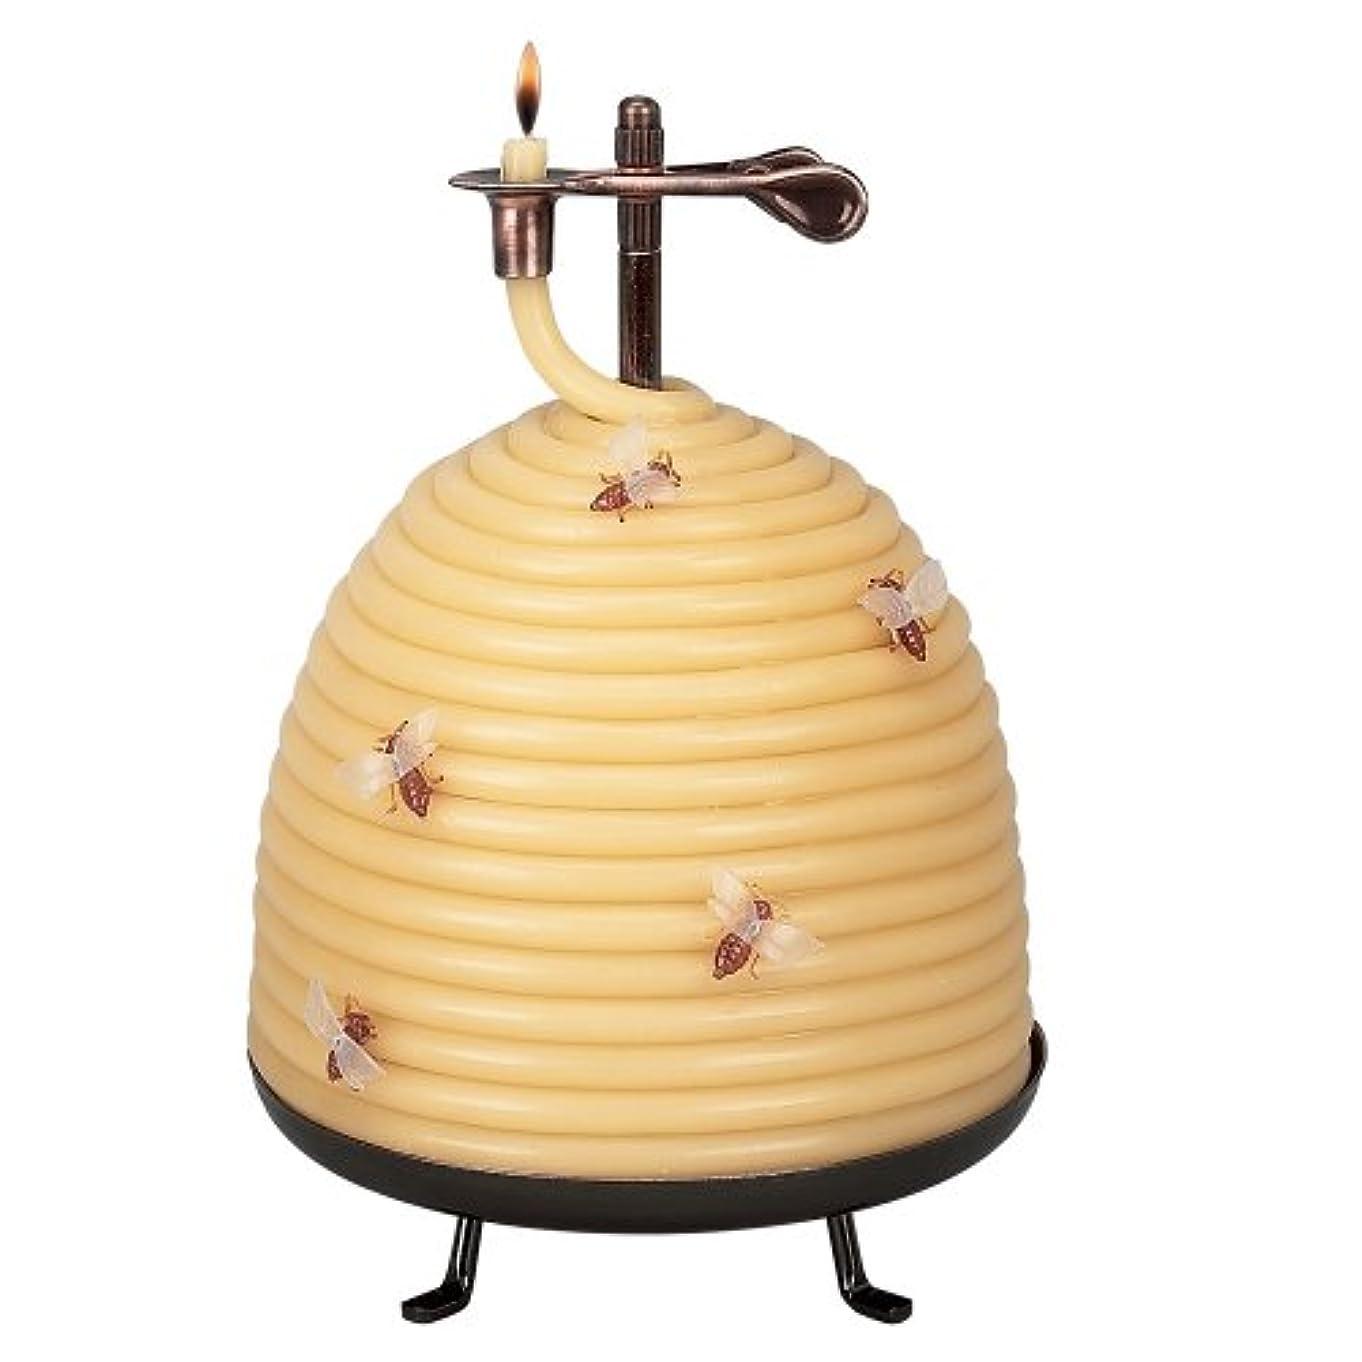 つまずくホーム放散するCandle By The Hour 20642B 120 Hour Beehive Coil Candle